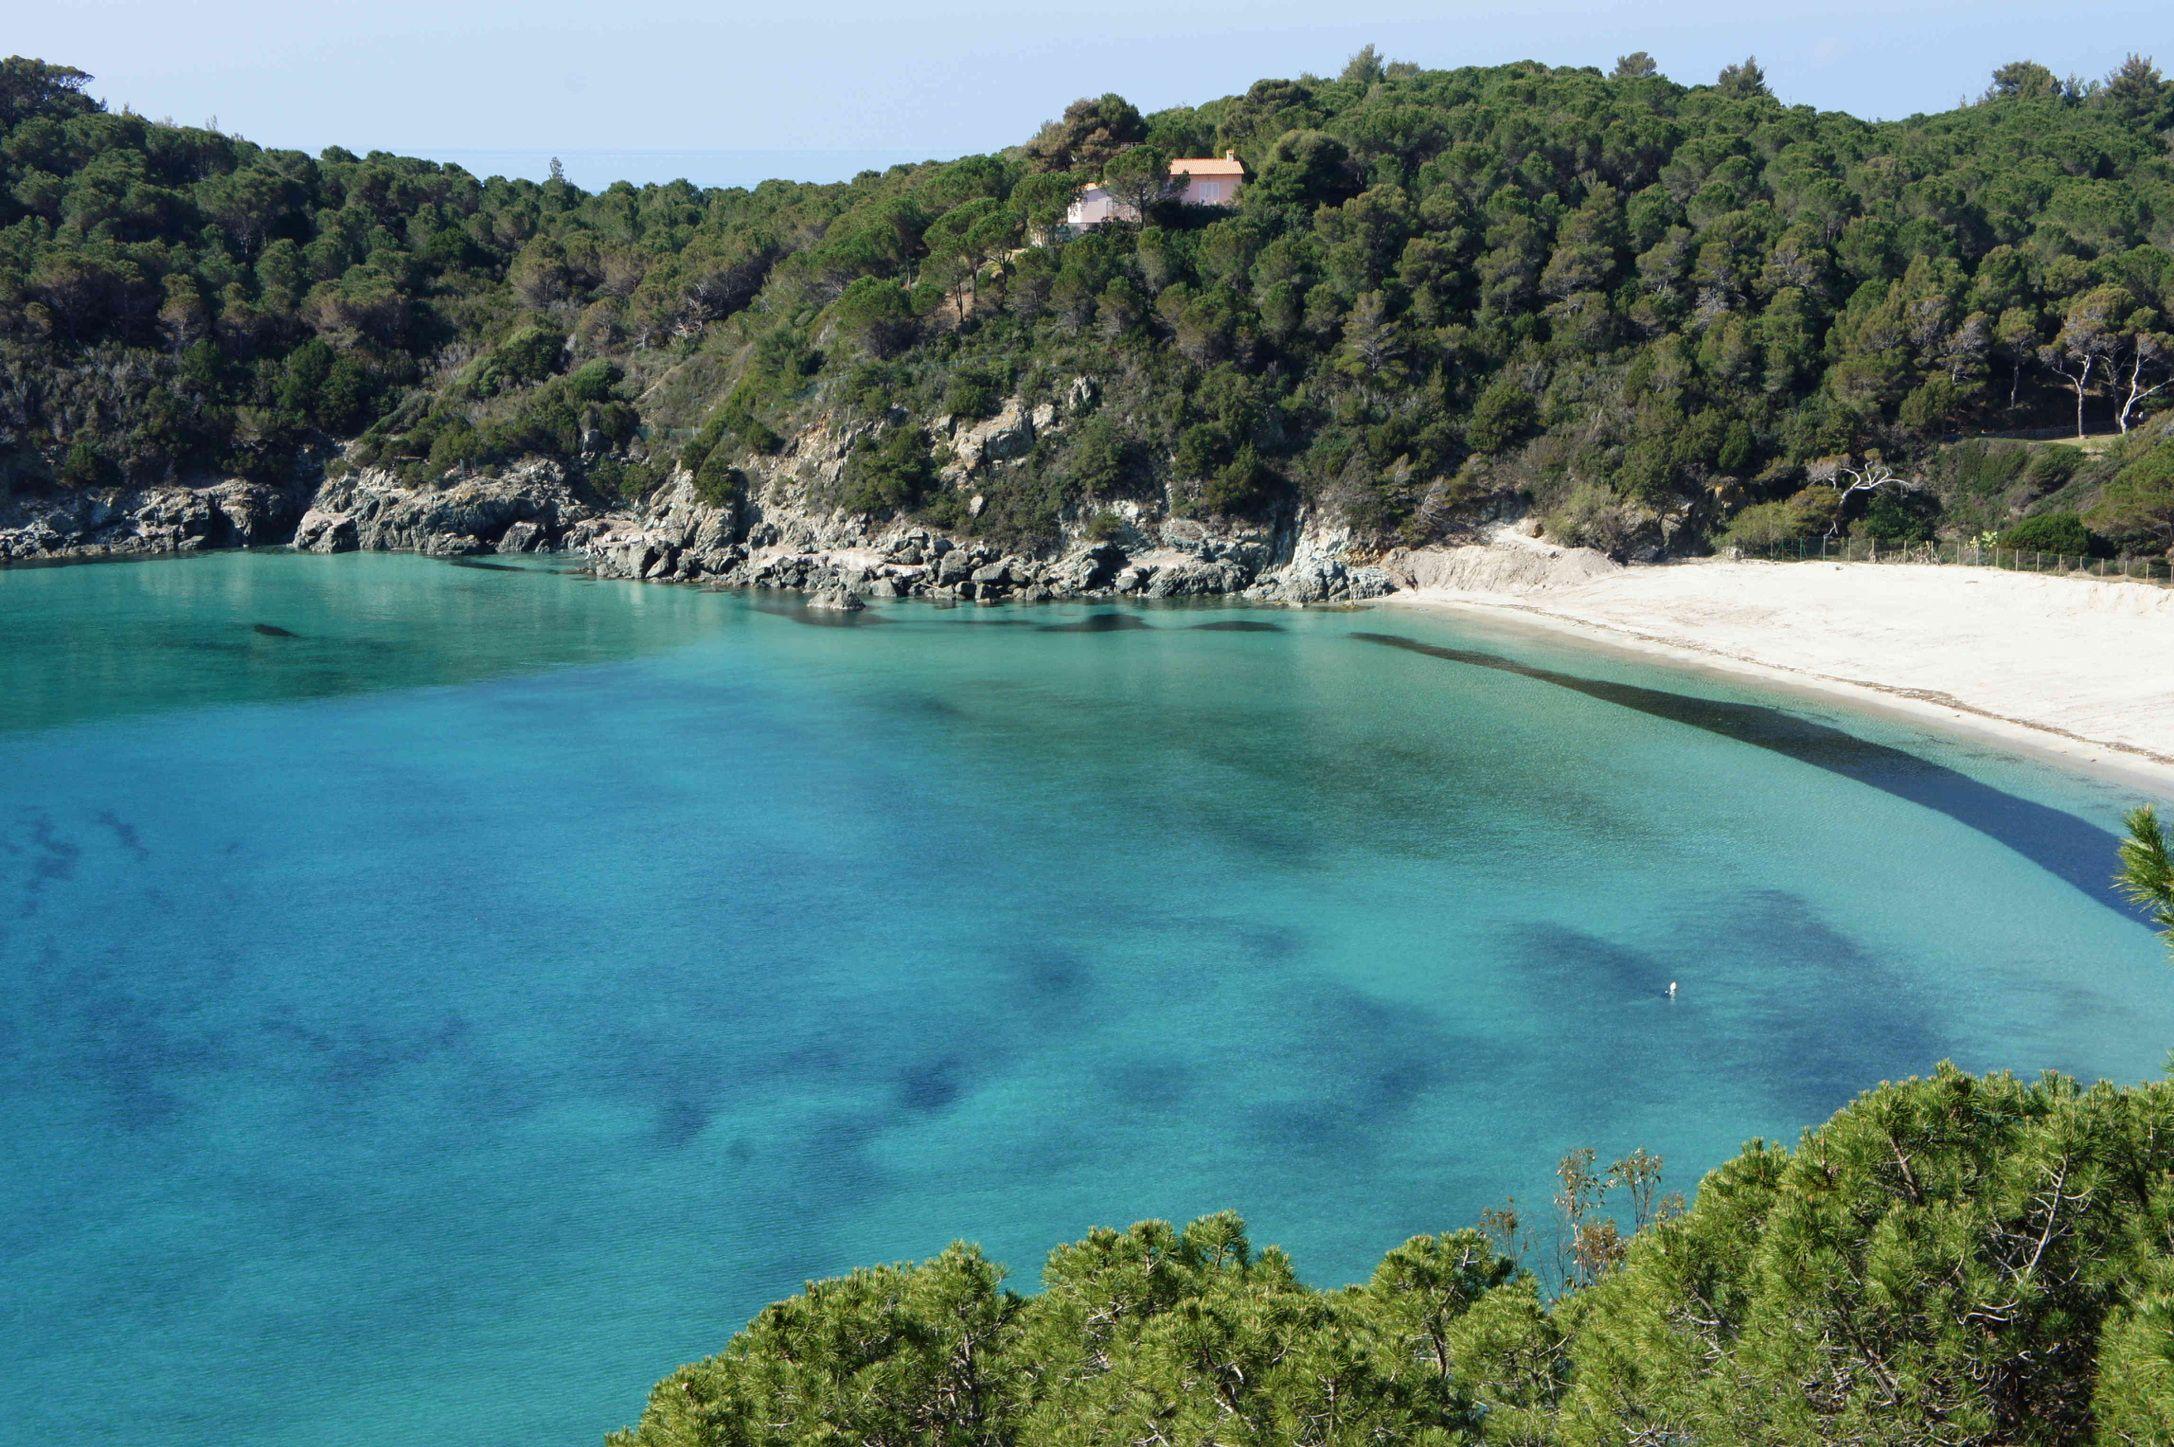 La spiaggia di Fetovaia(Campo nell'Elba) Spiagge, Luoghi